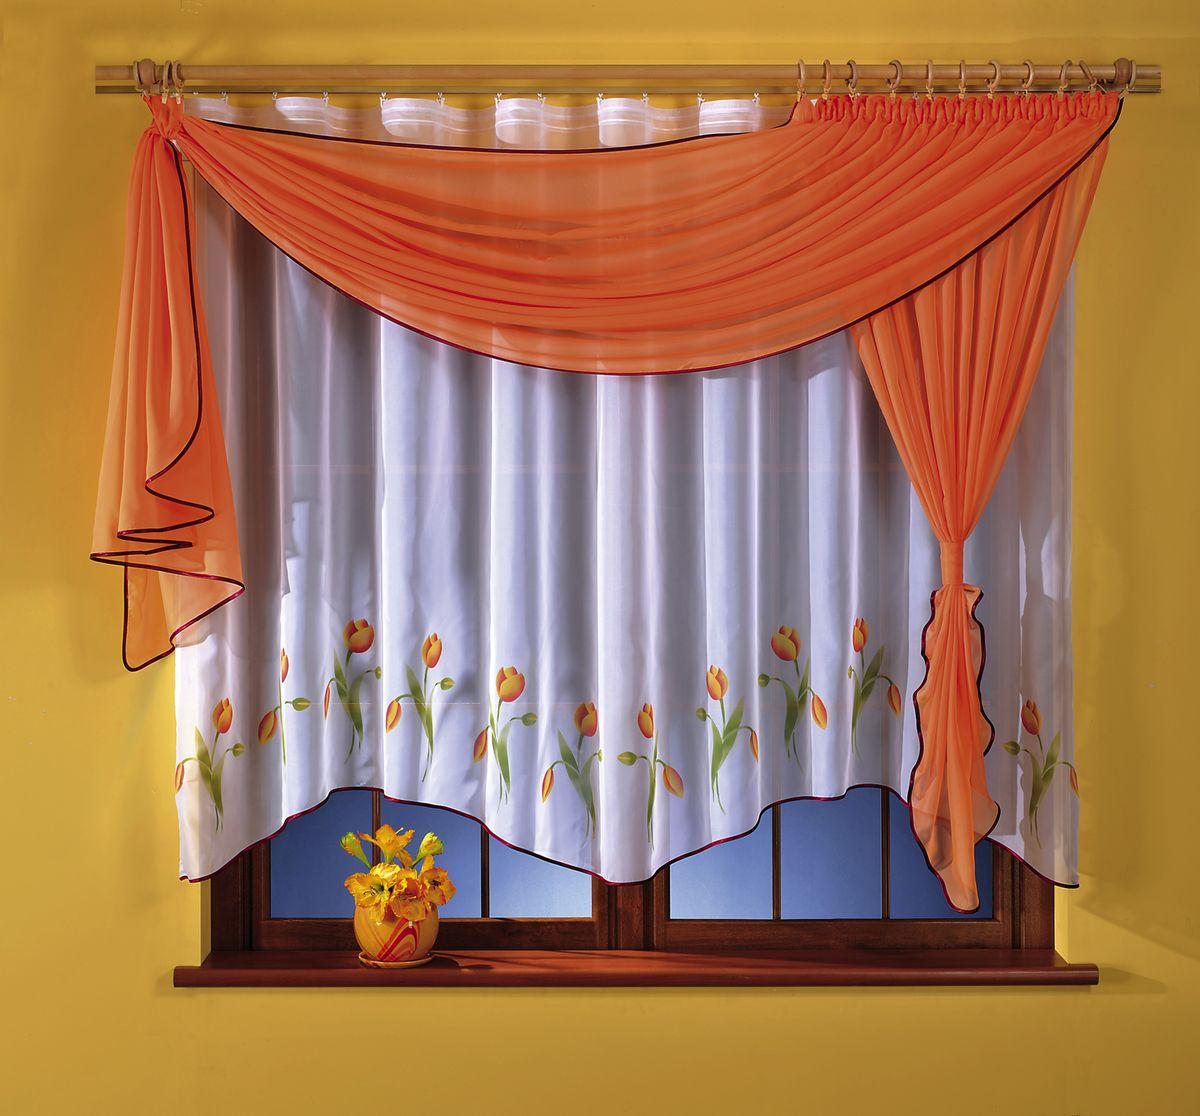 Комплект штор для кухни Wisan Marzenka, на ленте, цвет: белый, оранжевый, высота 180 см